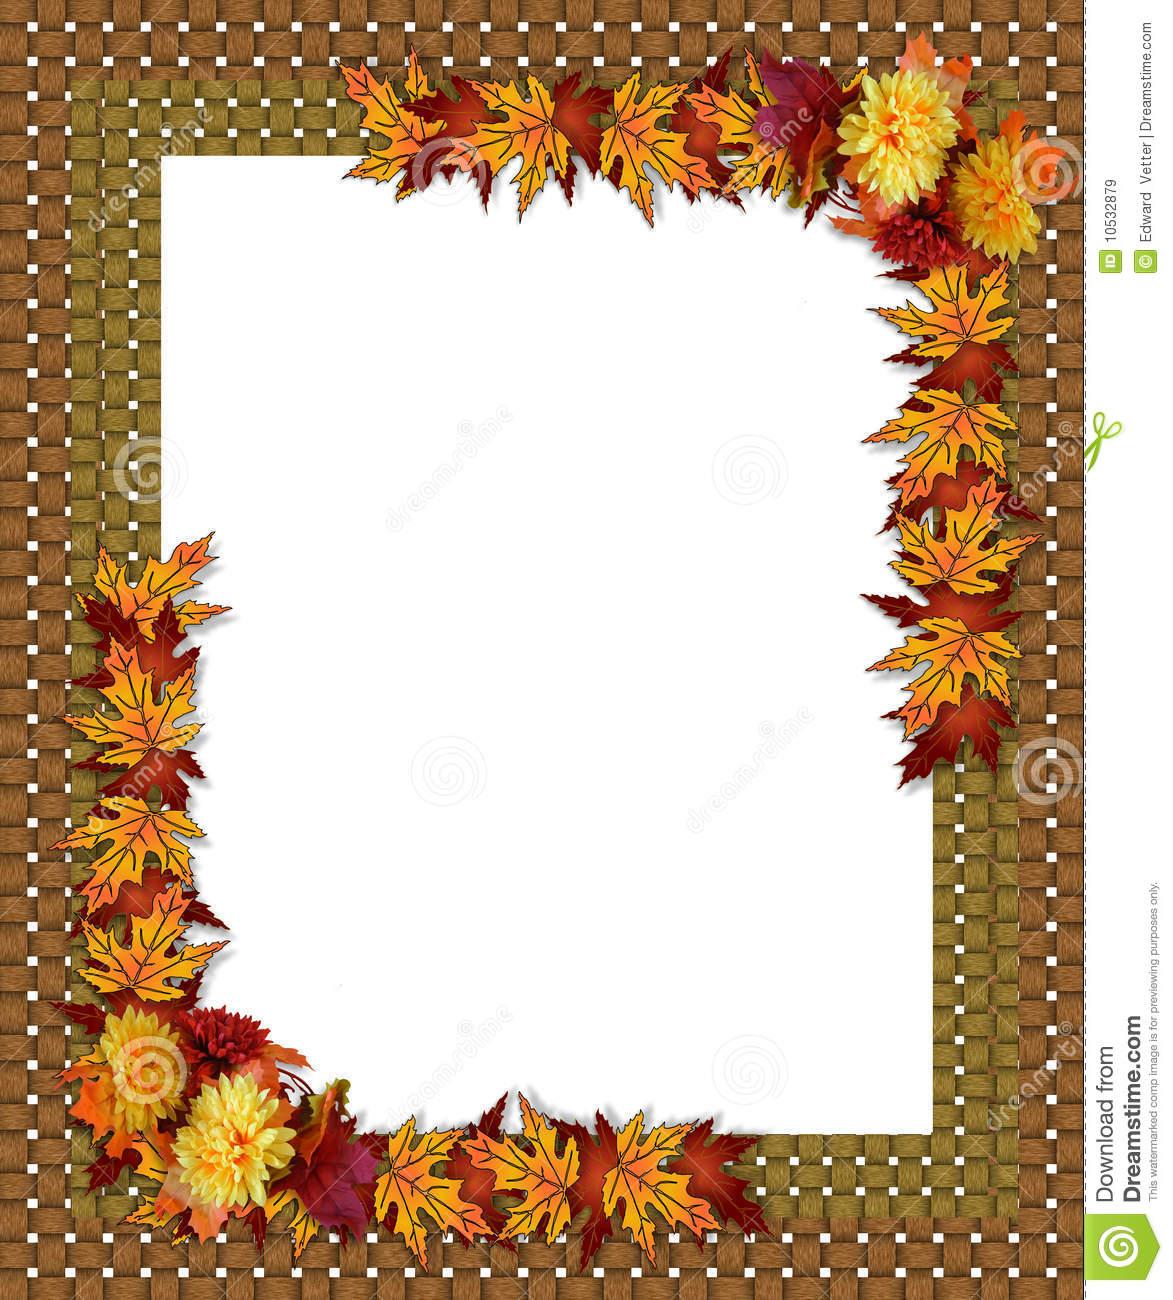 Thanksgiving clip art frame.